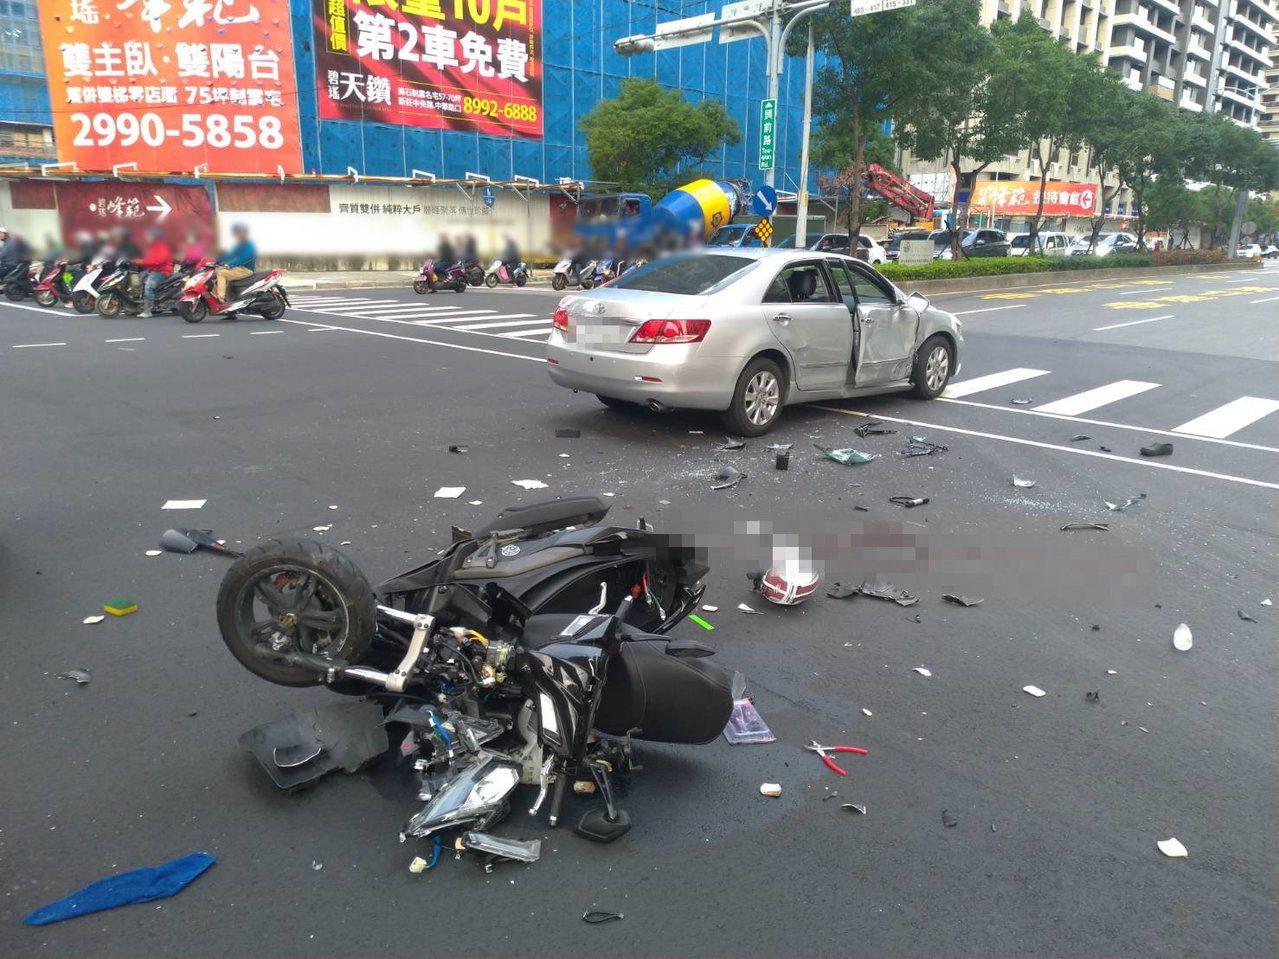 騎士騎乘的機車撞得支離破碎,慘變廢鐵。記者巫鴻瑋/翻攝